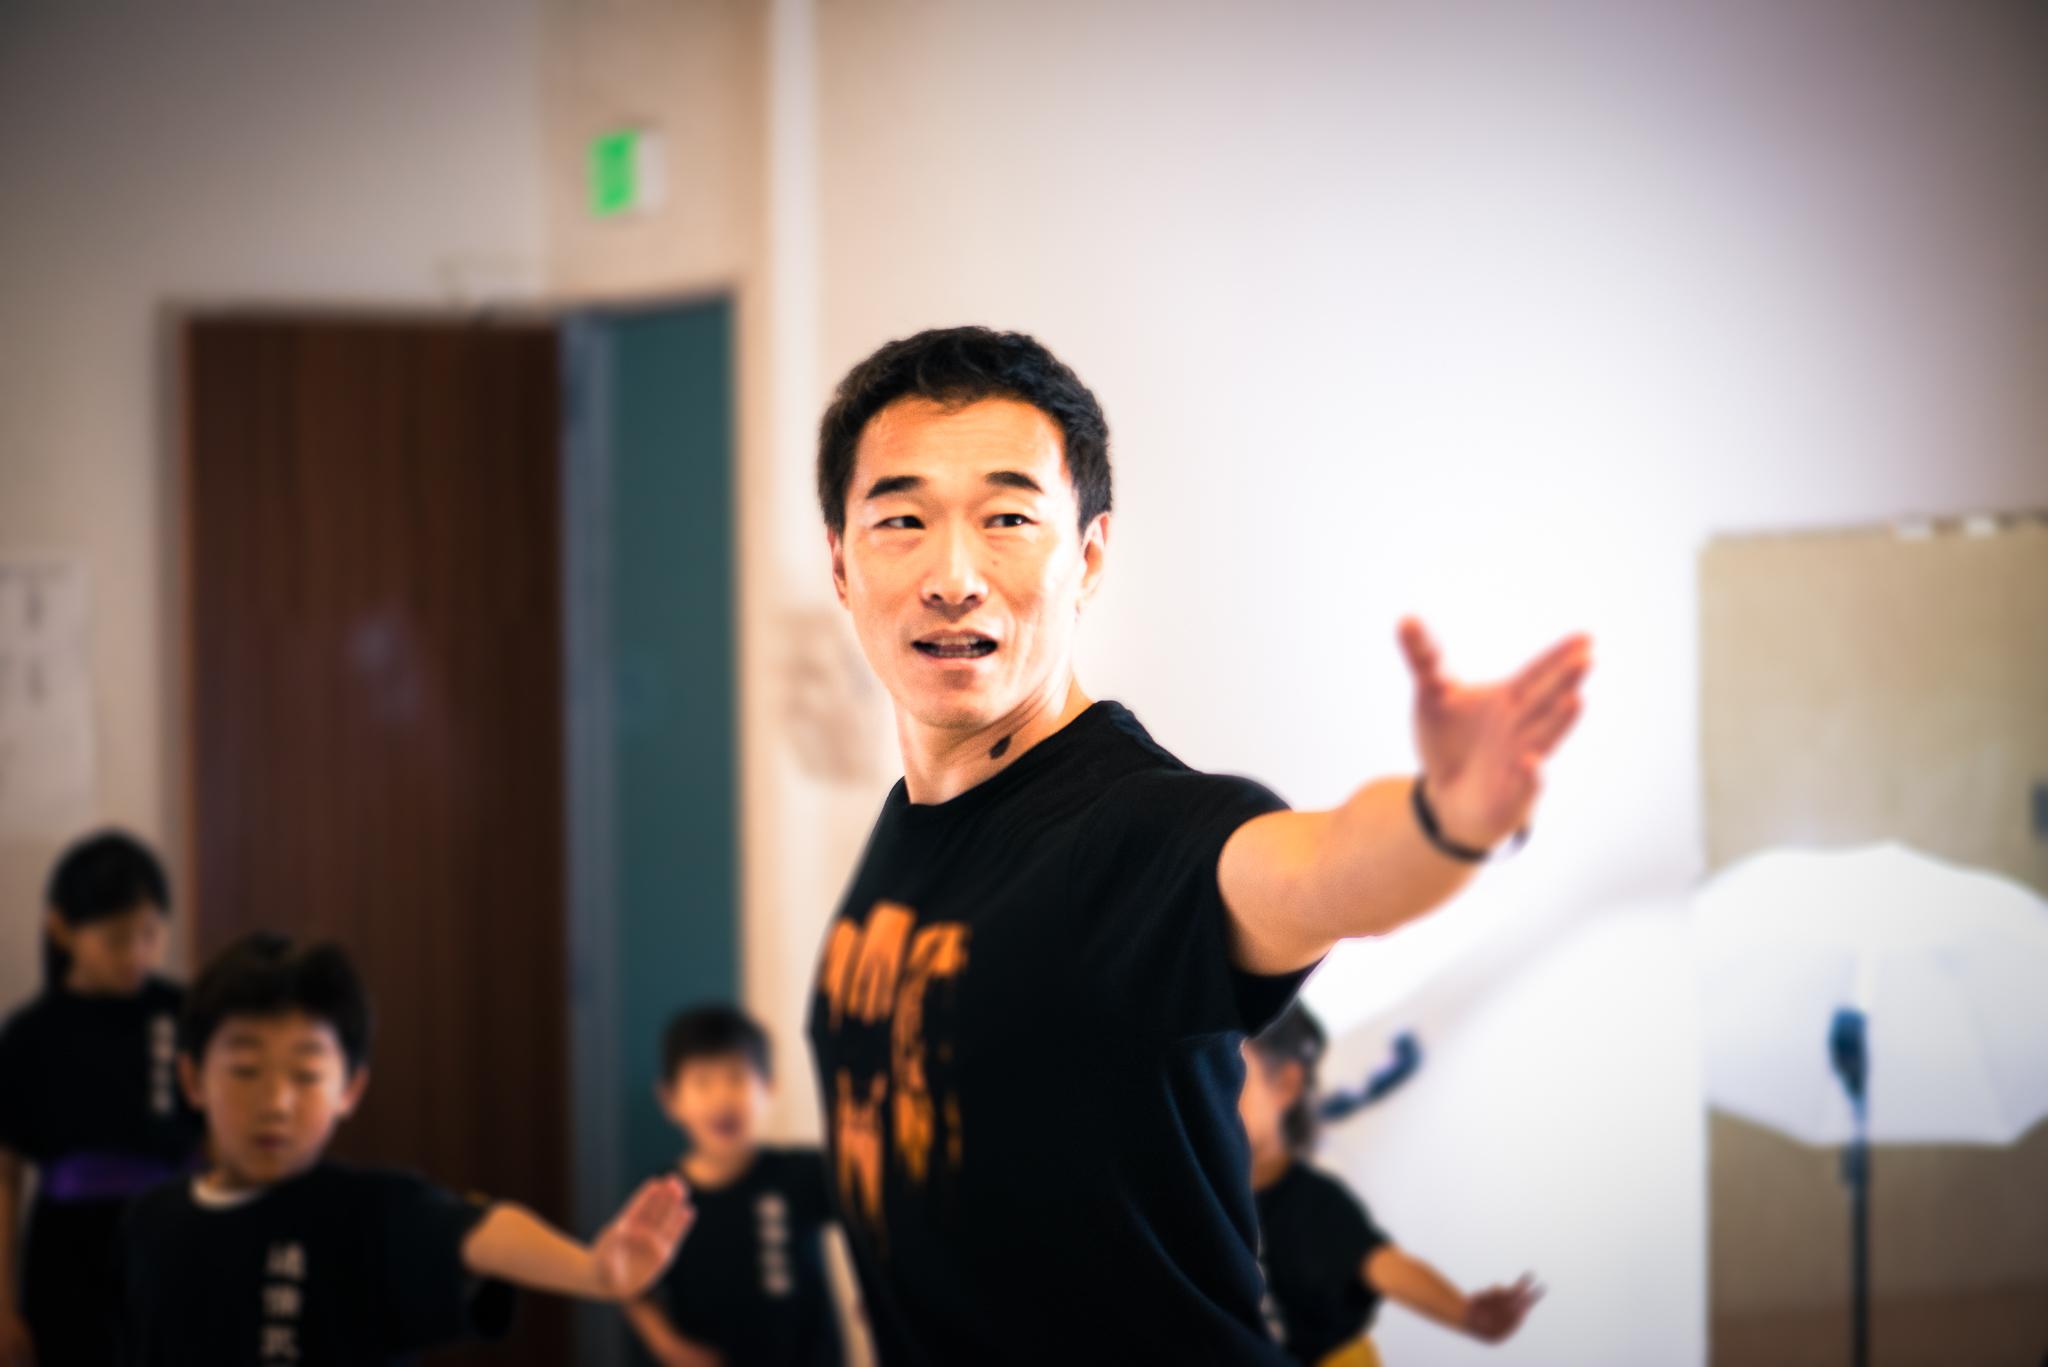 Niu Academy   強身健體,協調平衡,  訓練膽識,自衛防身,  培養自信,表現自我,  中華武學,繼承發展。   請看我們的課程